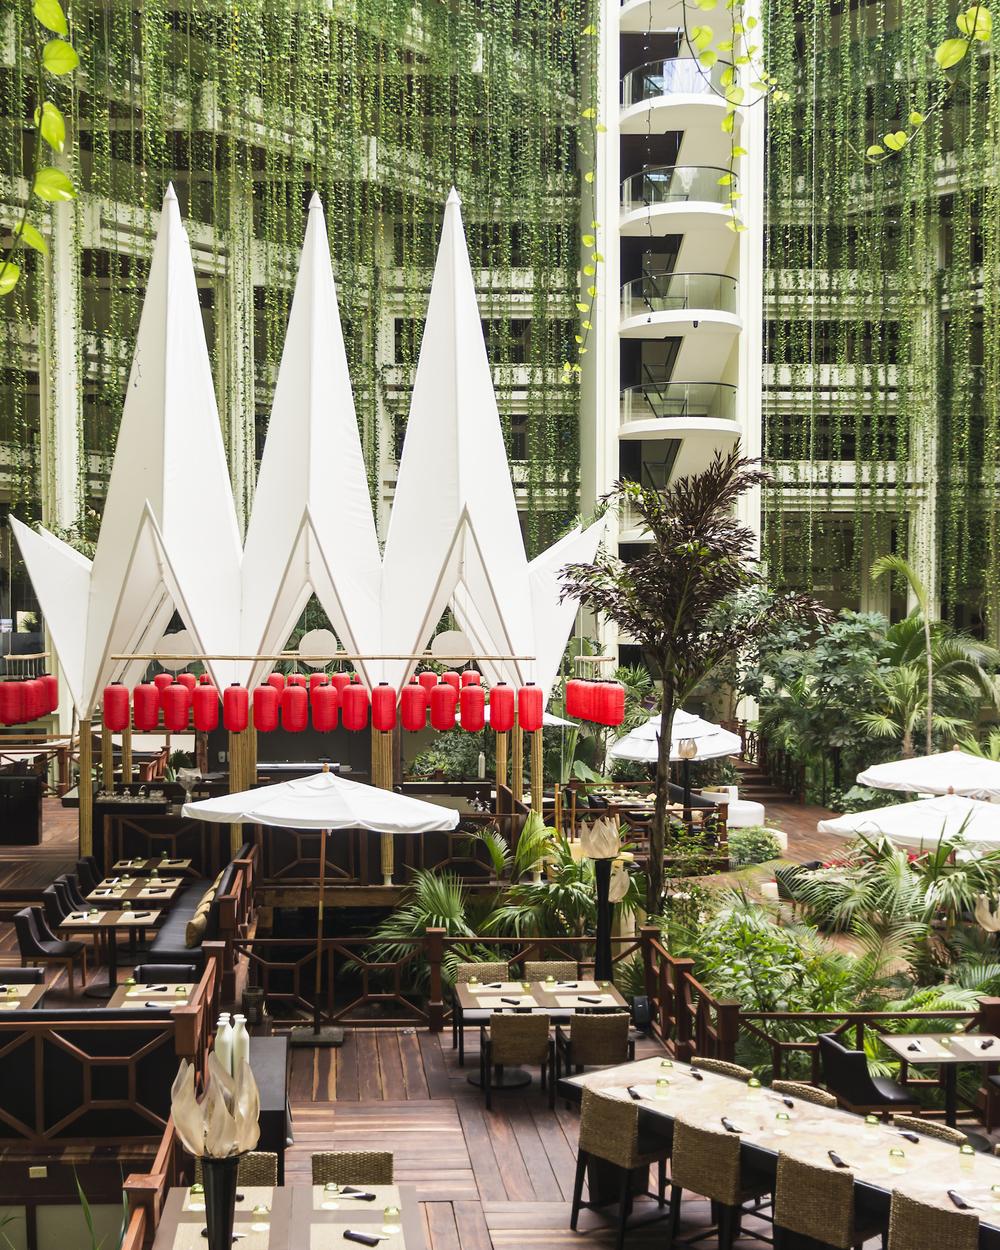 Paradisus-Cancun-Lobby-Restaurant.jpg